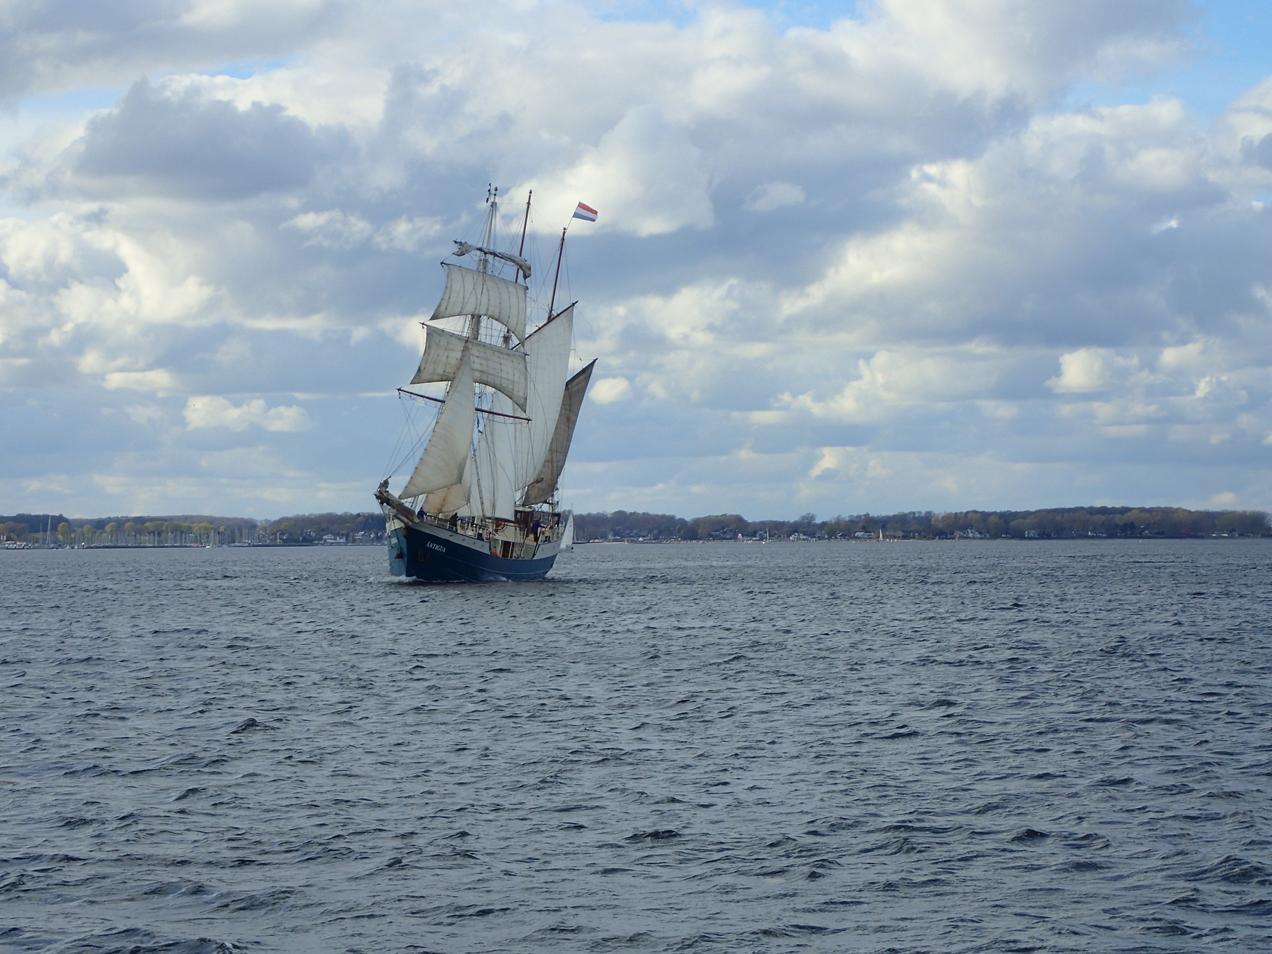 תמונה מלב הים בשייט בים הצפוני